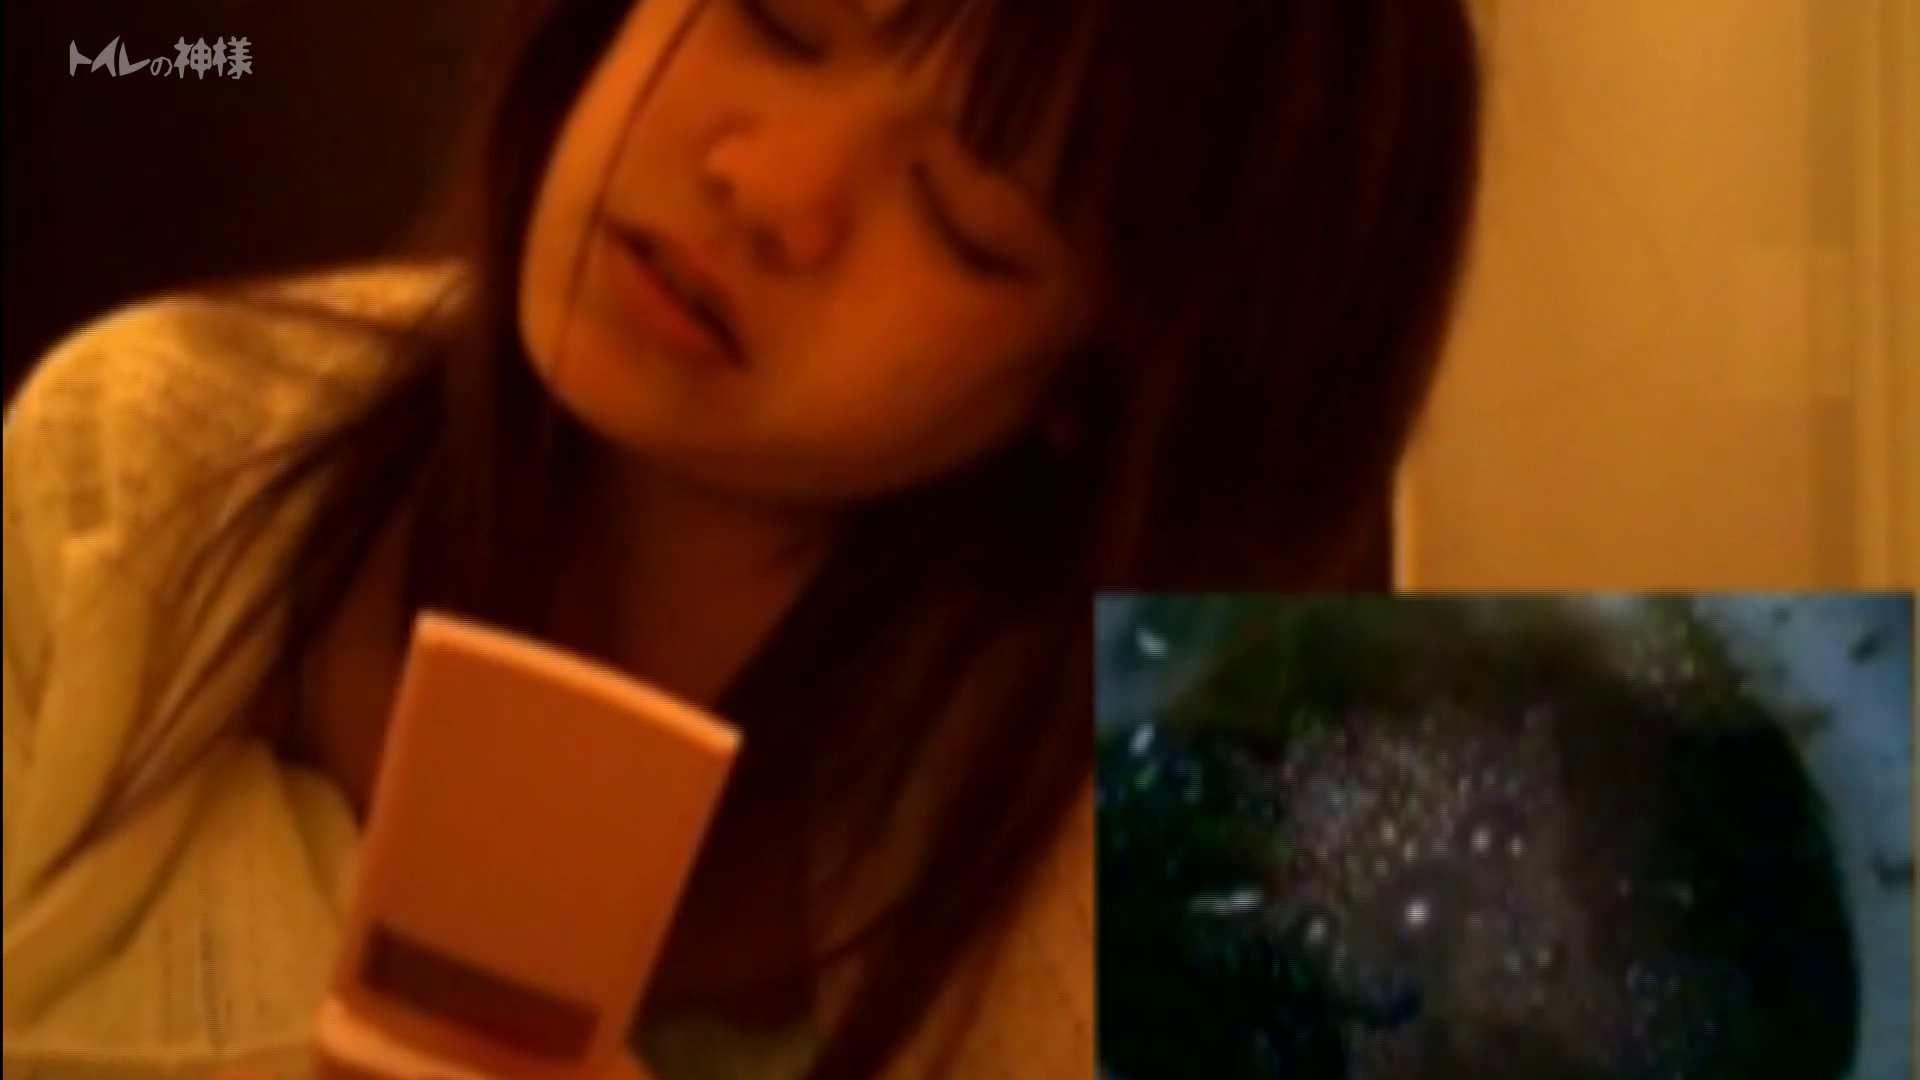 トイレの神様 Vol.03 彼女のうんち隠し撮り 盛合せ アダルト動画キャプチャ 111枚 48